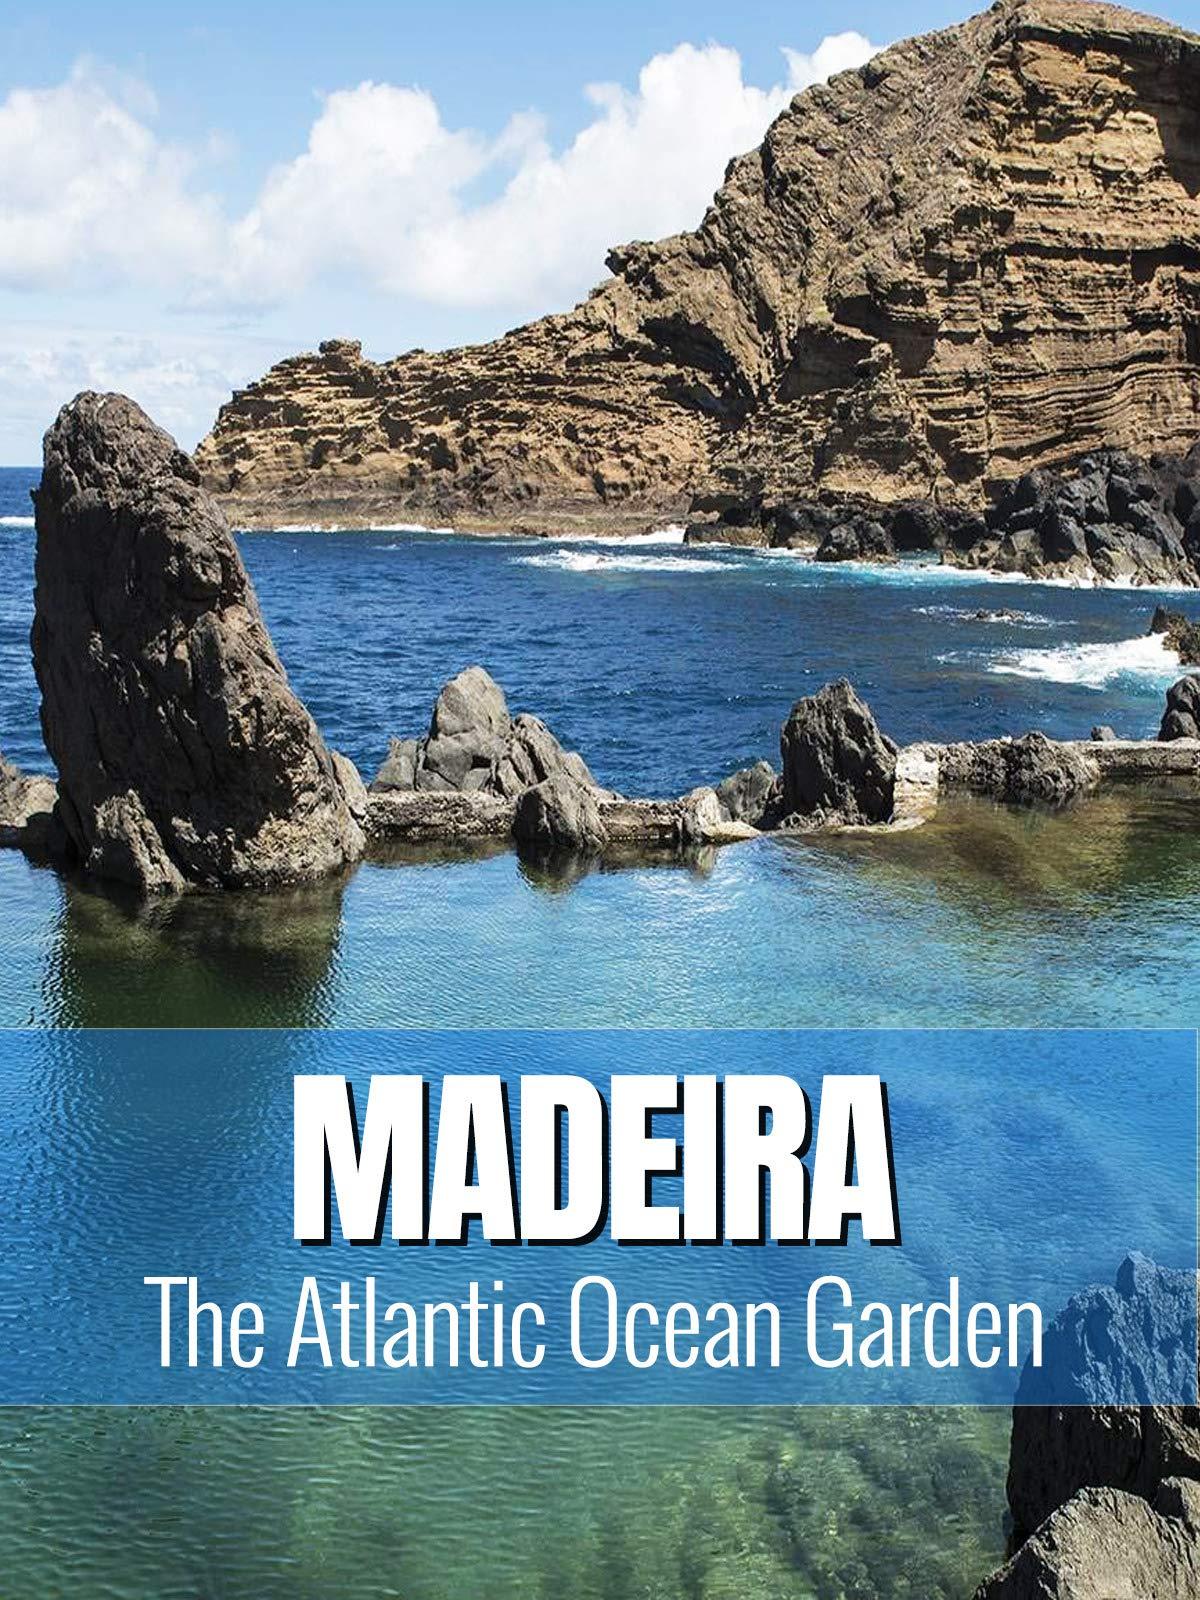 Madeira - The Atlantic Ocean Garden